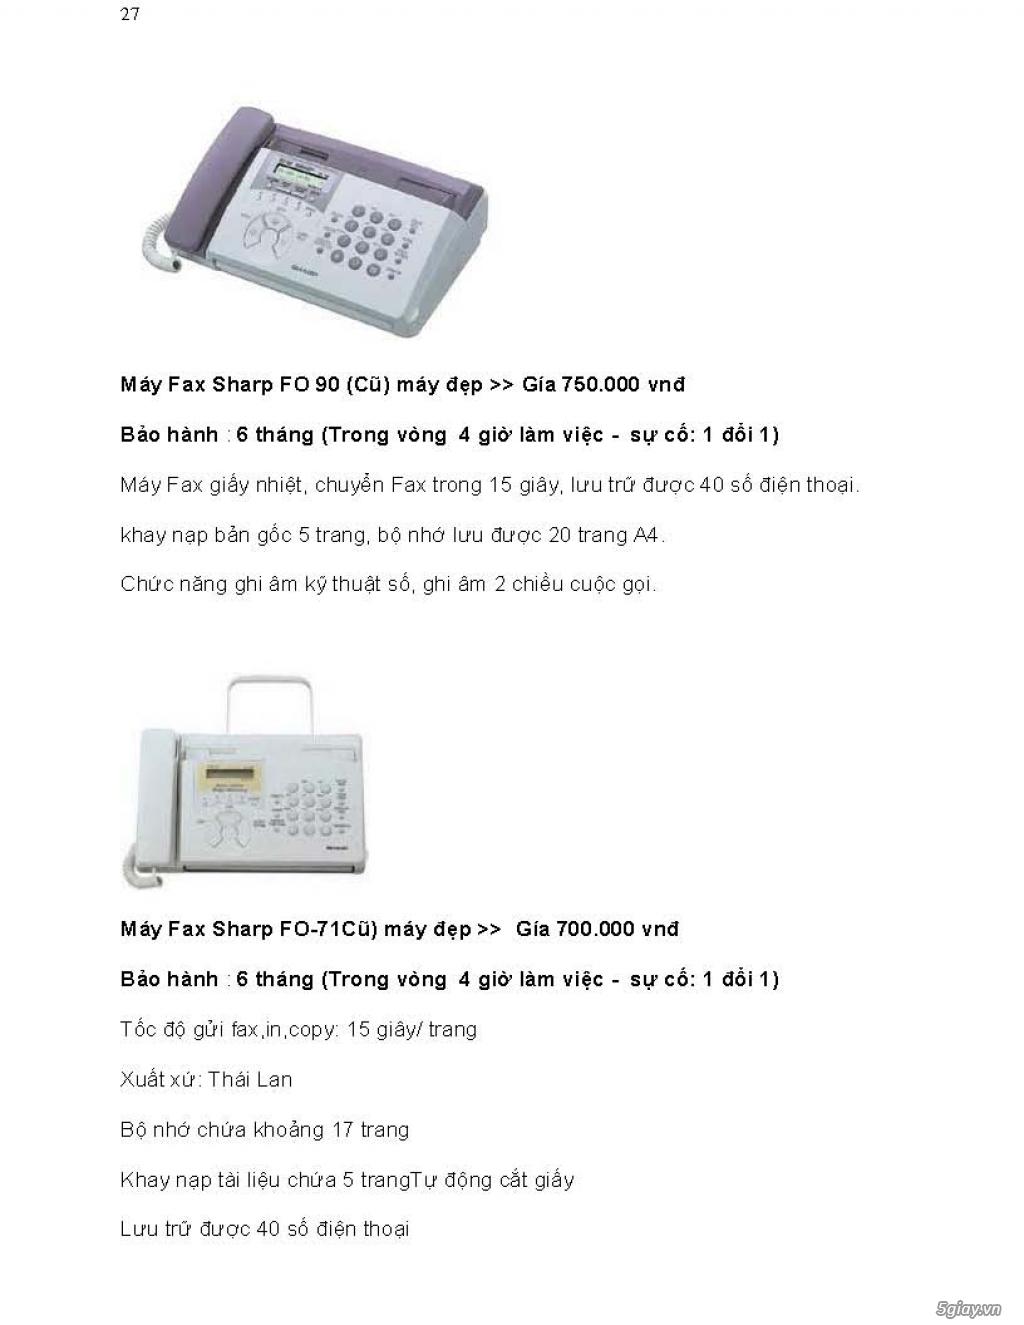 Sửa chữa Bộ Đàm,Máy Fax,Tổng Đài - 38